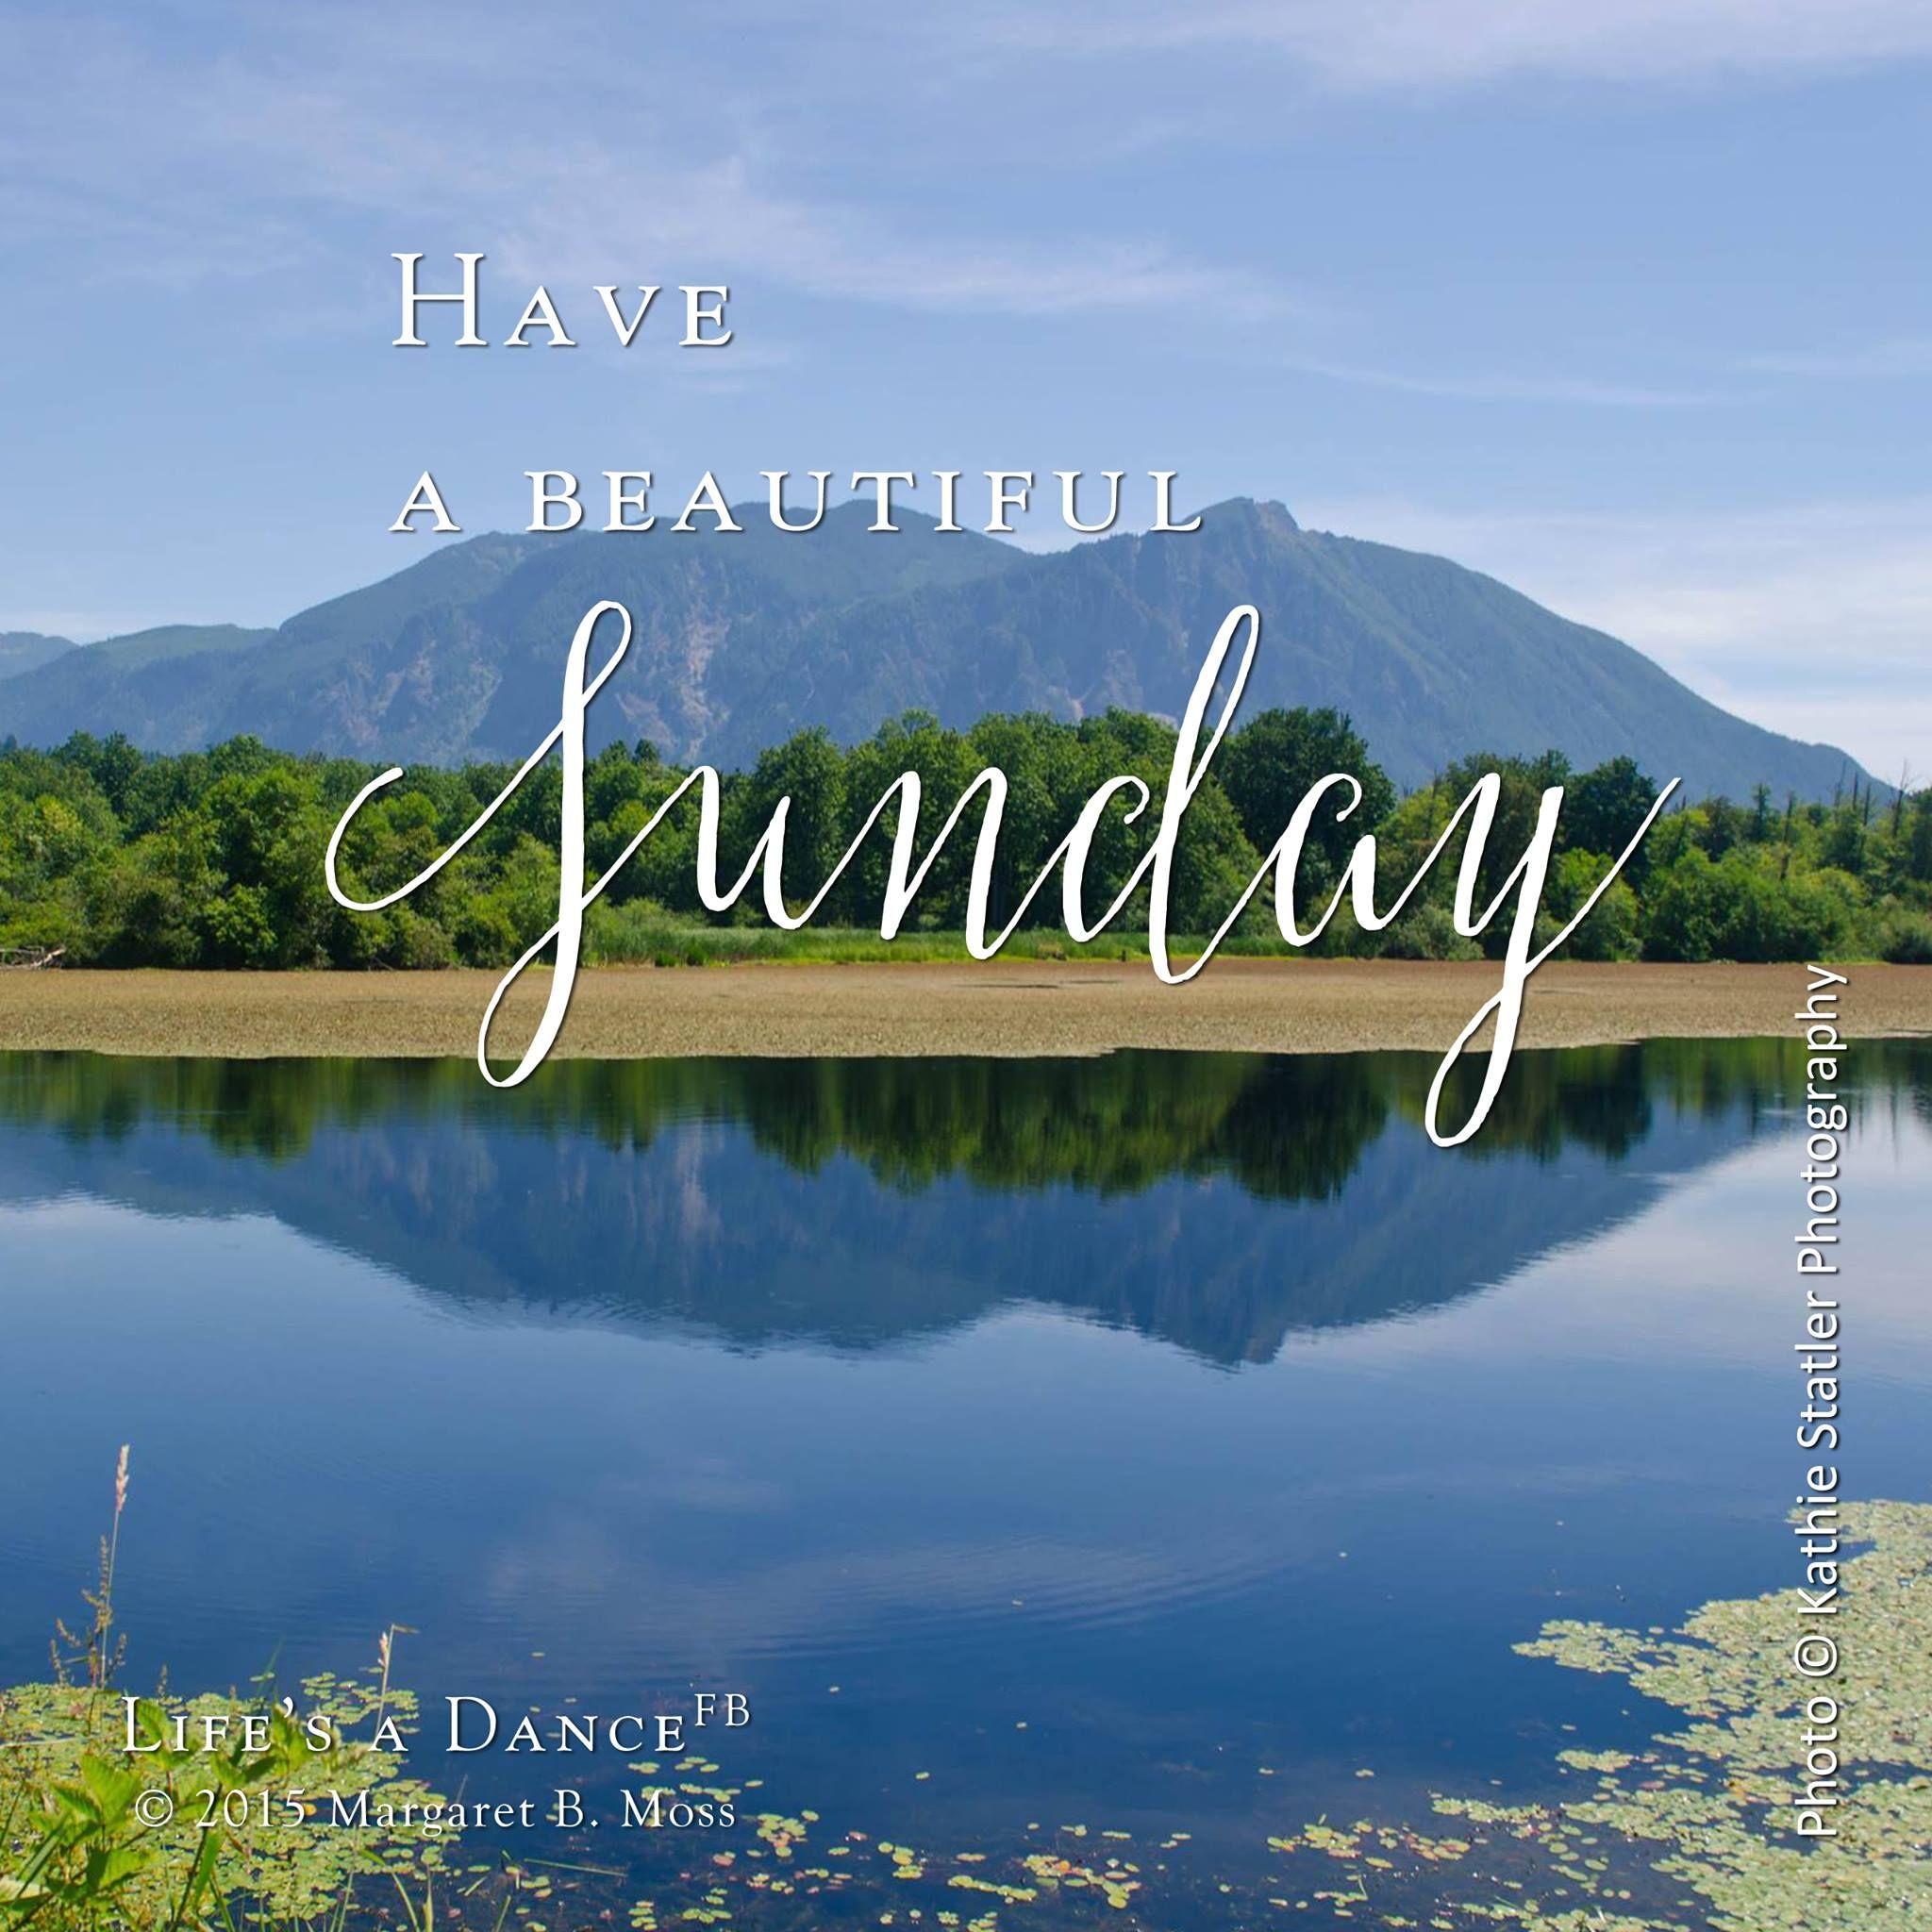 Happy Sunday! Enjoy your day of rest. Sunday images